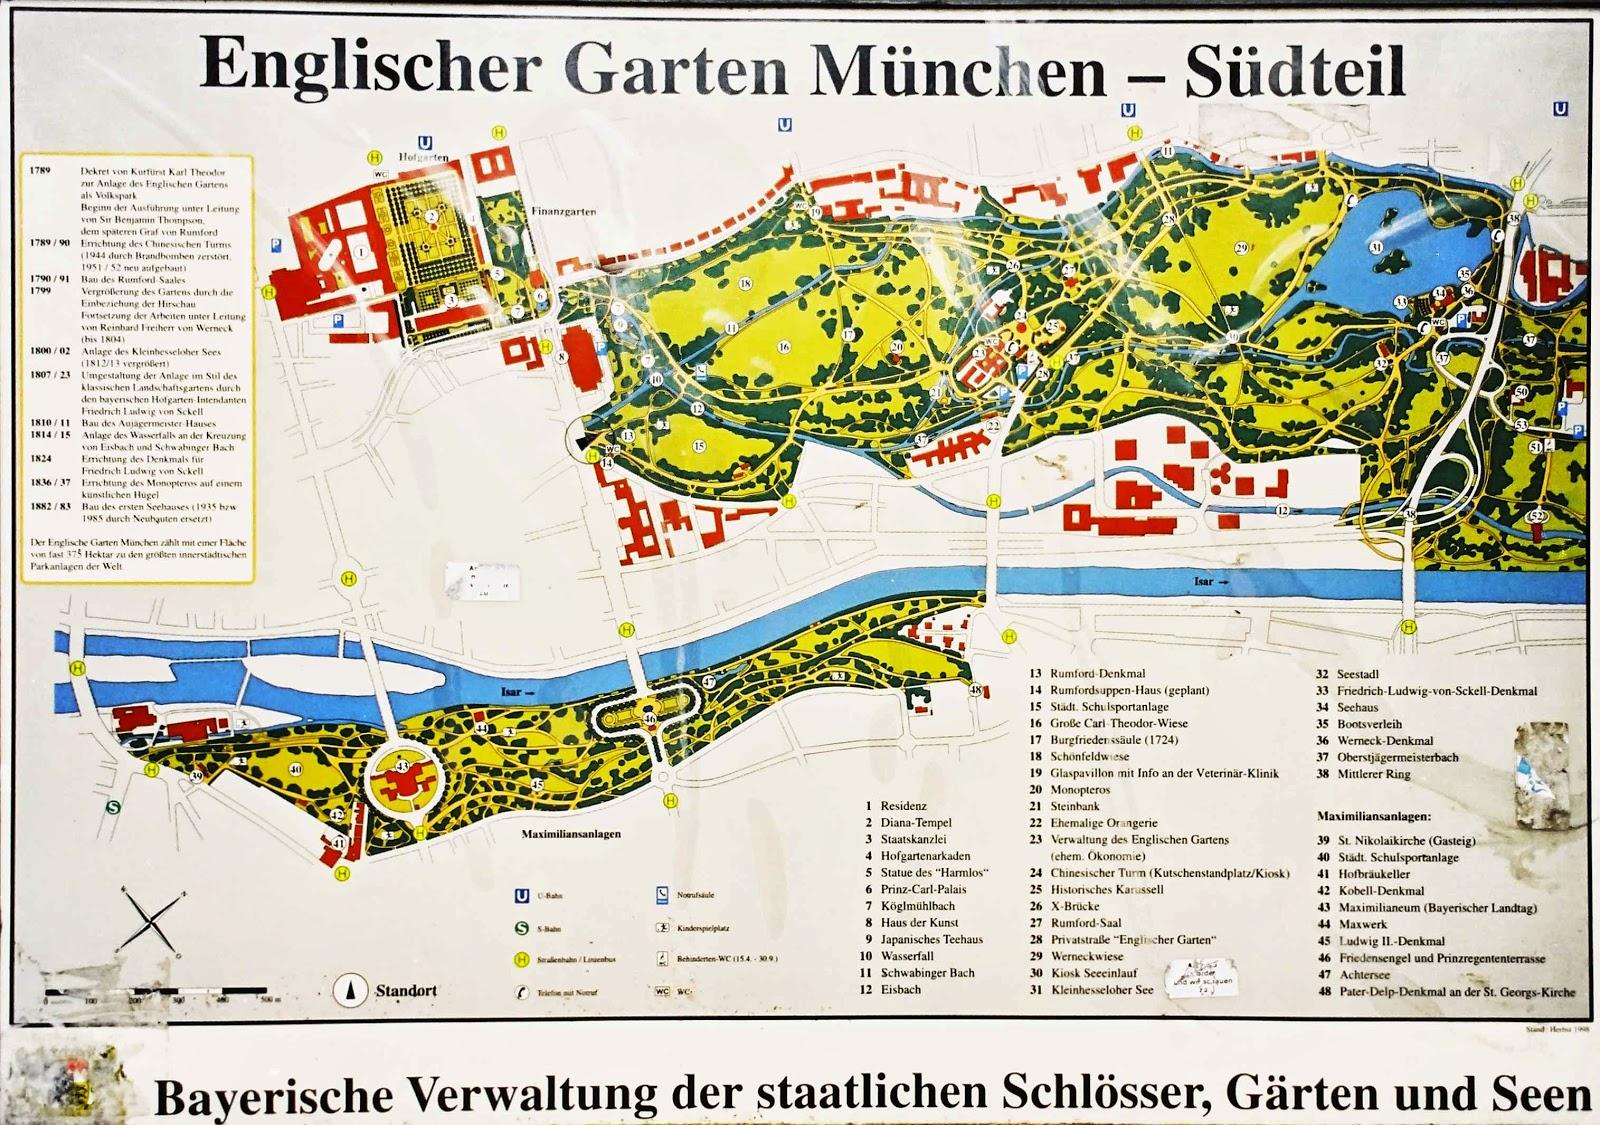 München englischer garten südteil